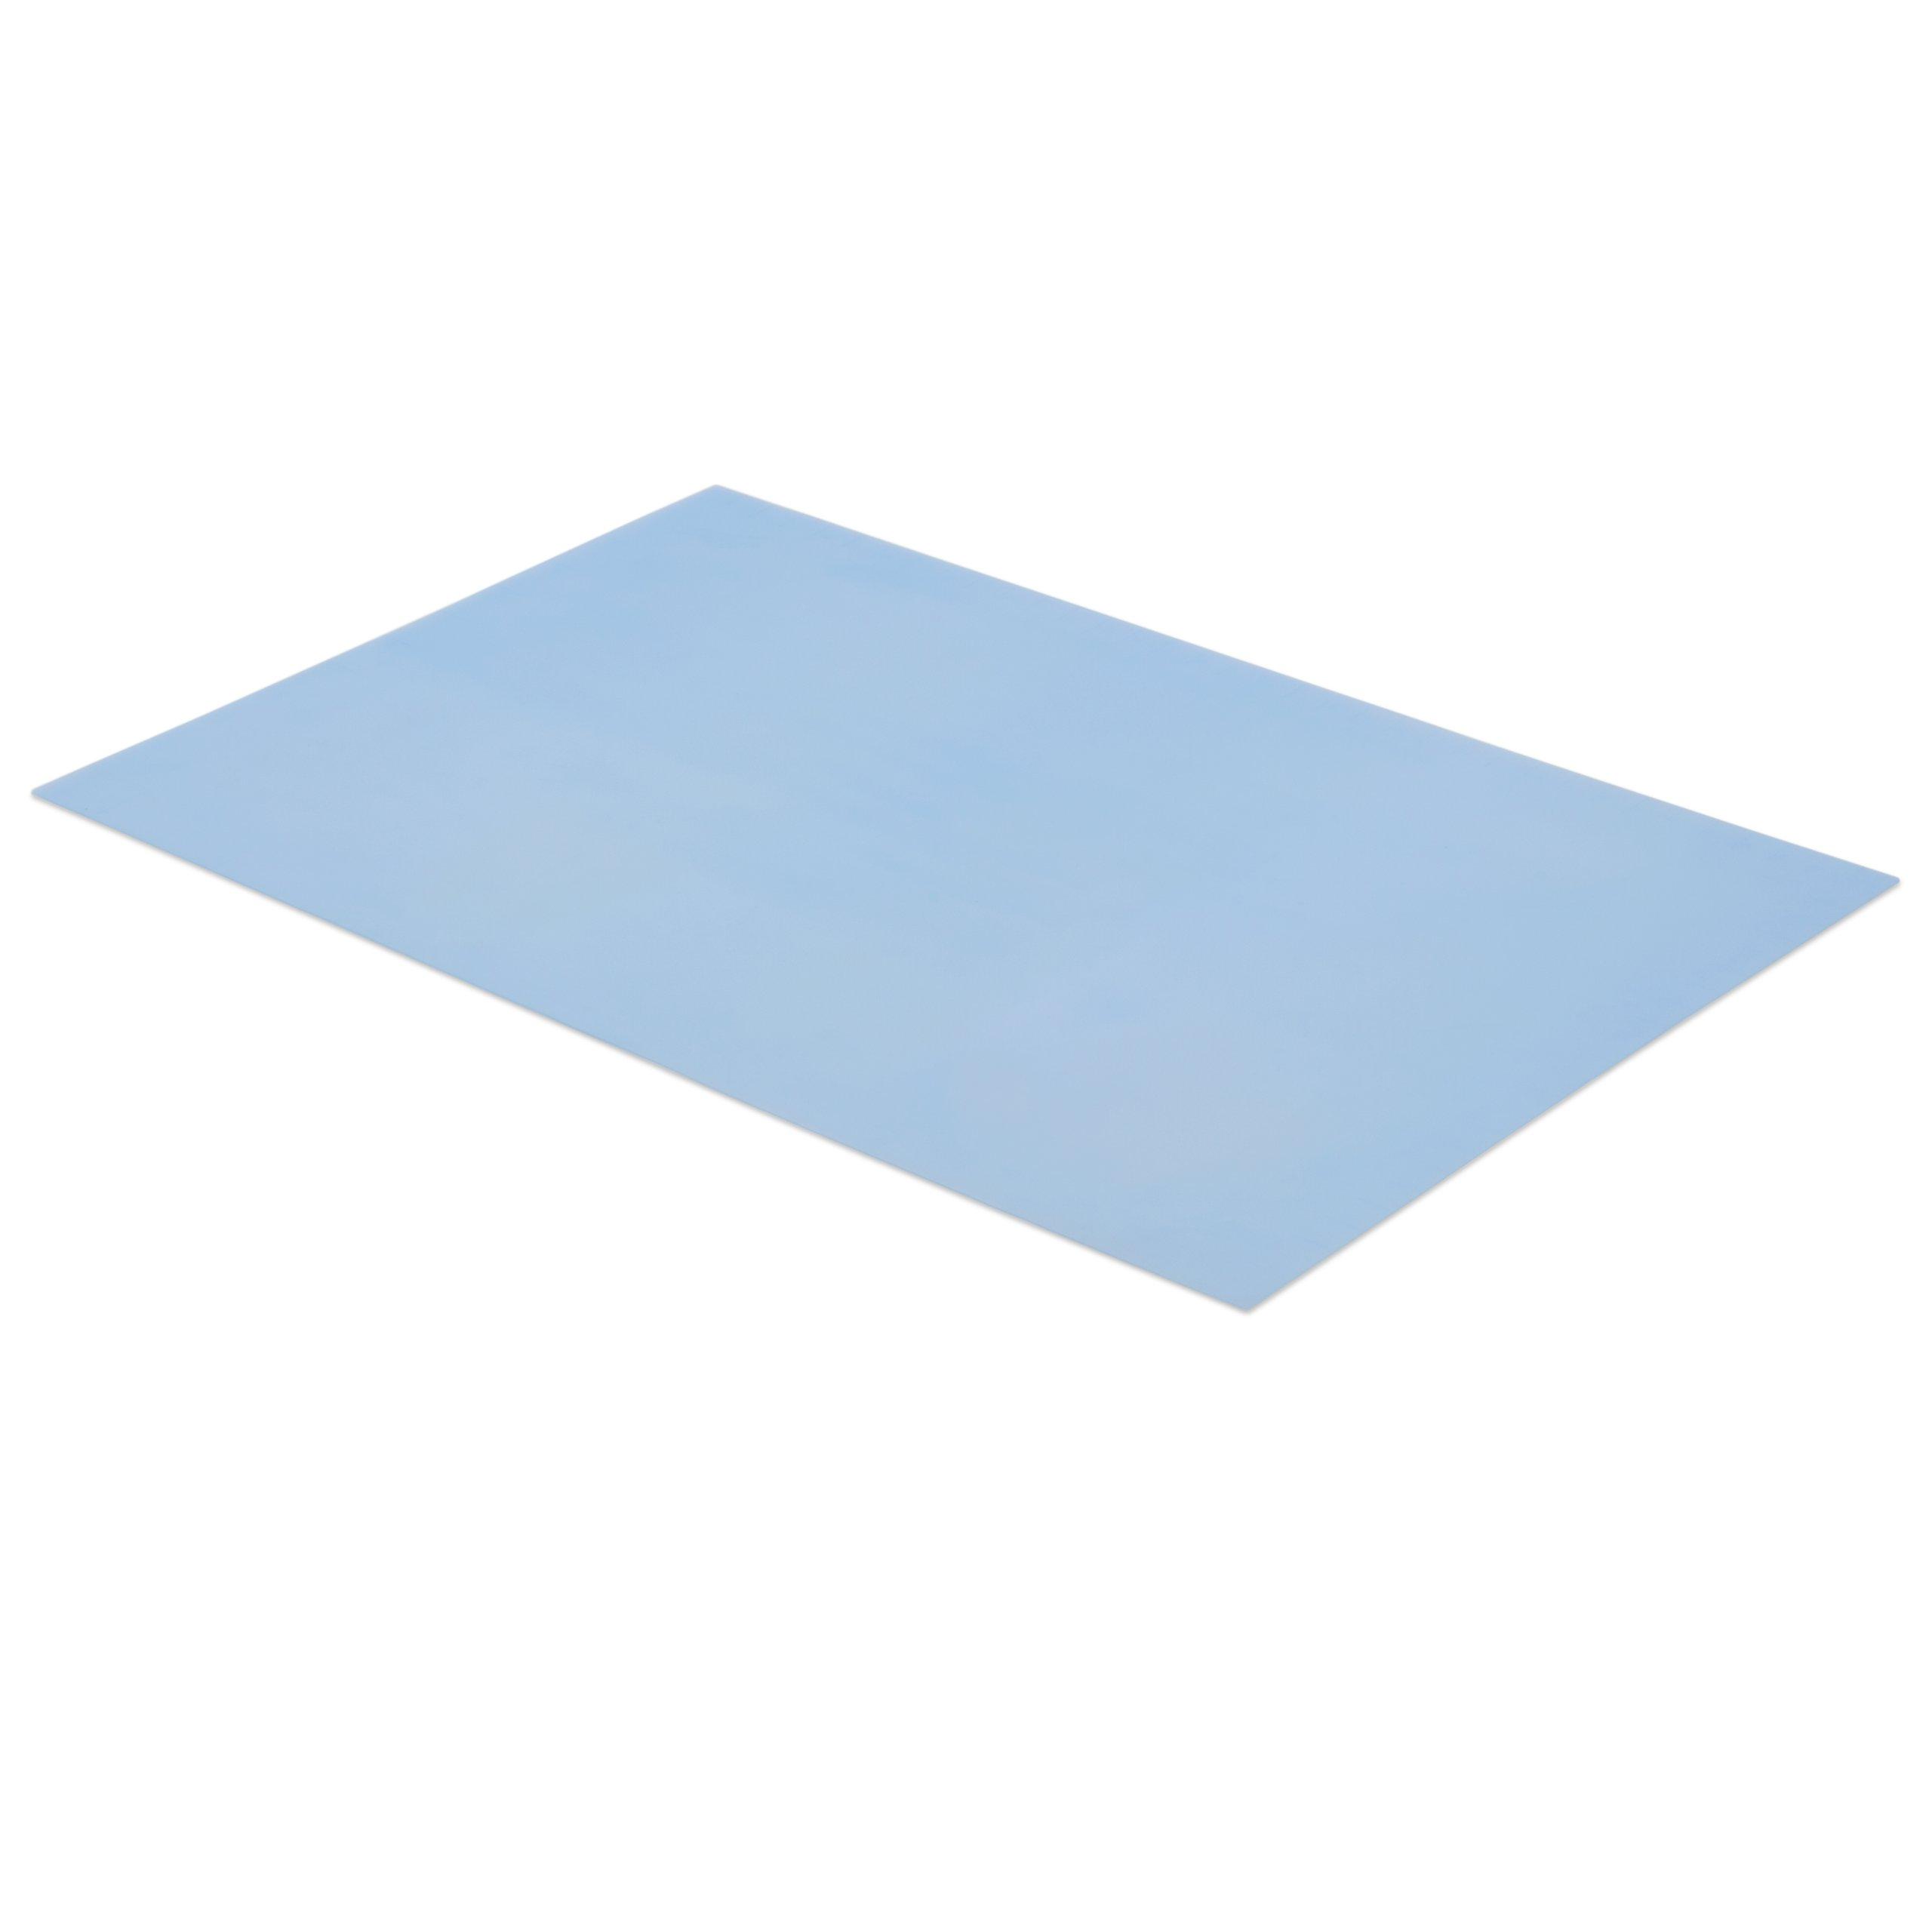 Ateco 697  Food Grade Silicone Non-stick Fondant Work Mat, 36 x 24-Inches